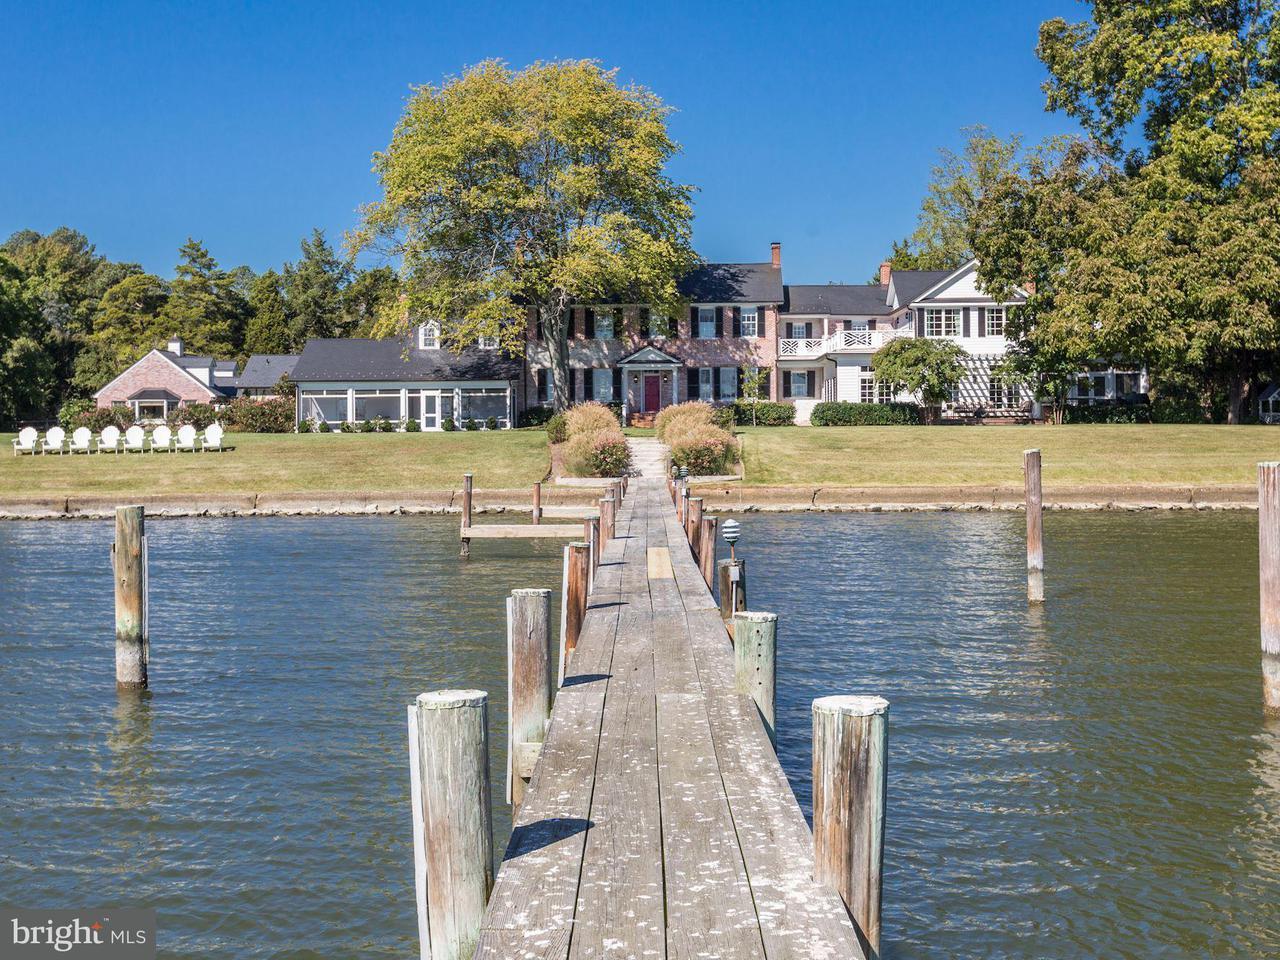 一戸建て のために 売買 アット 26849 DOUBLE MILL Road 26849 DOUBLE MILL Road Easton, メリーランド 21601 アメリカ合衆国